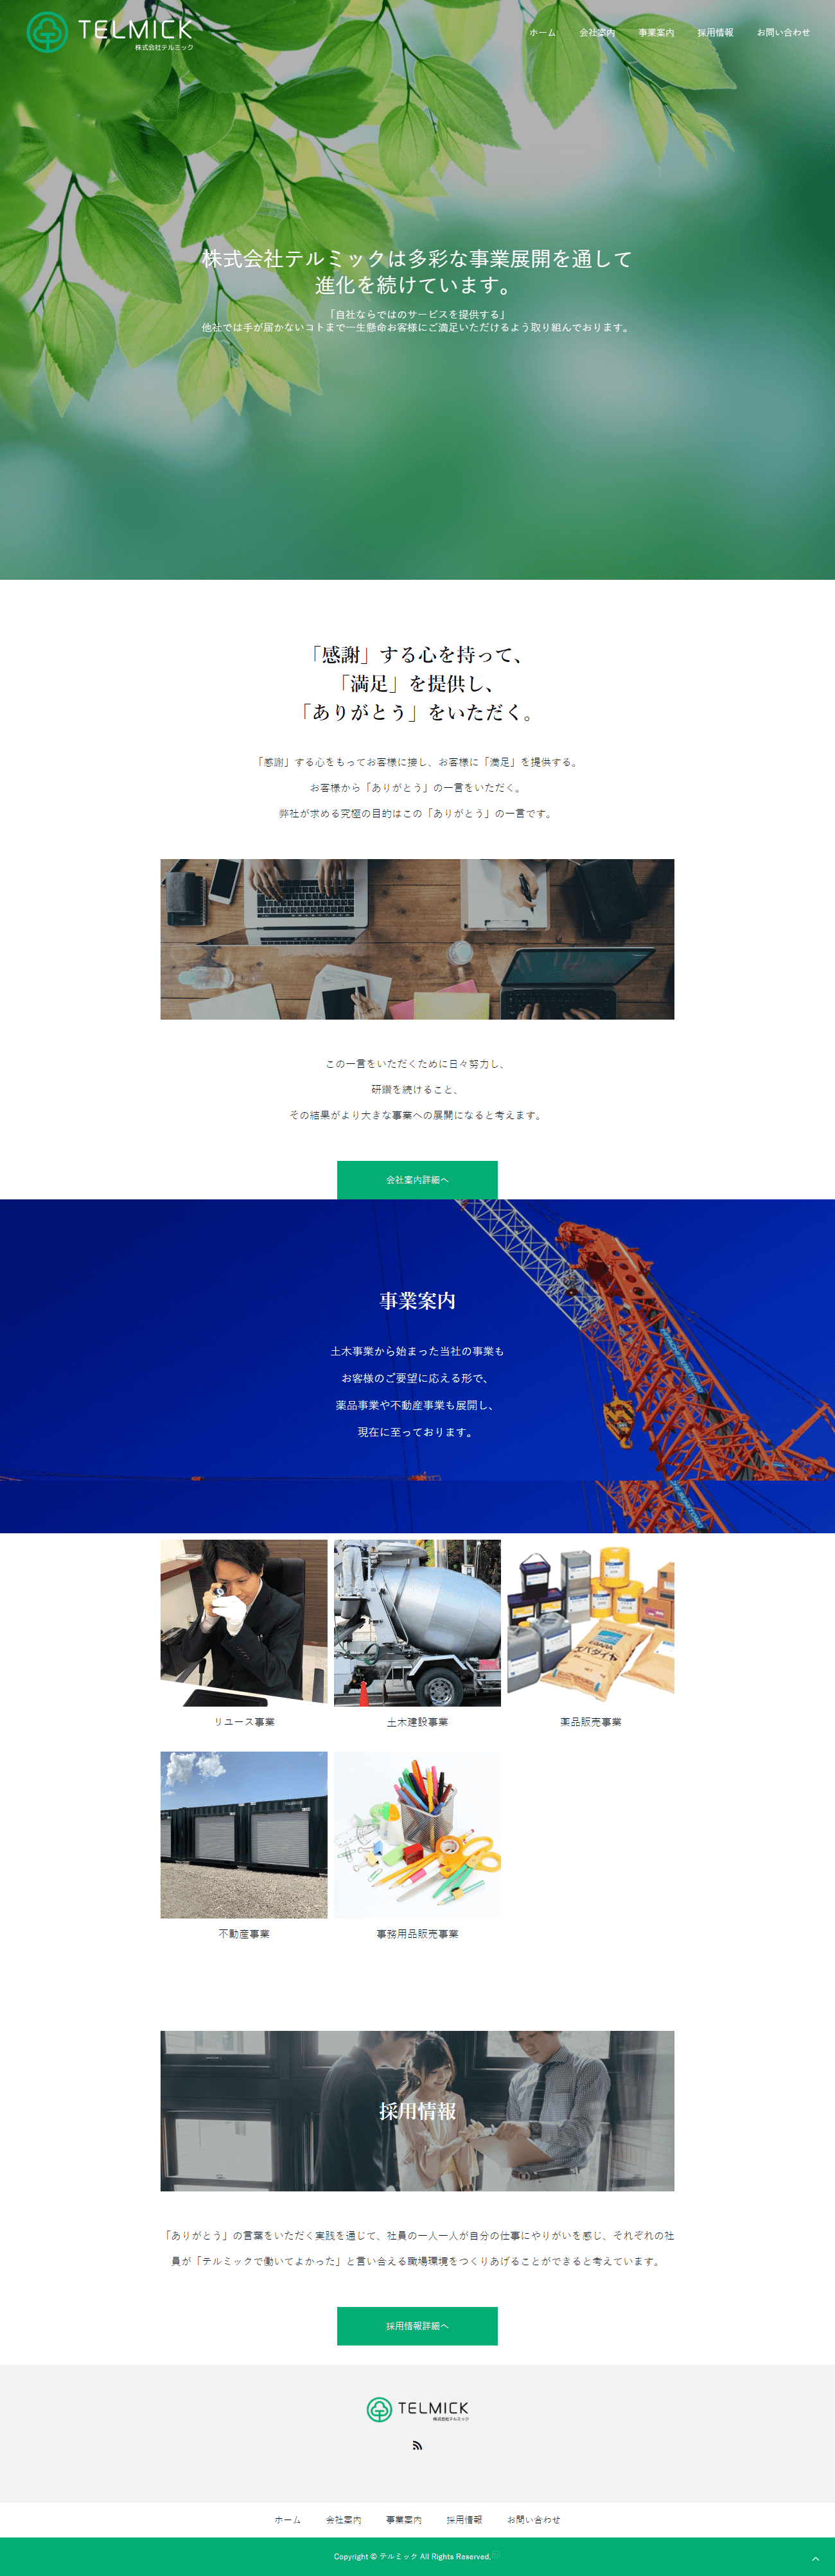 姫路市 株式会社テルミック ホームページ制作1